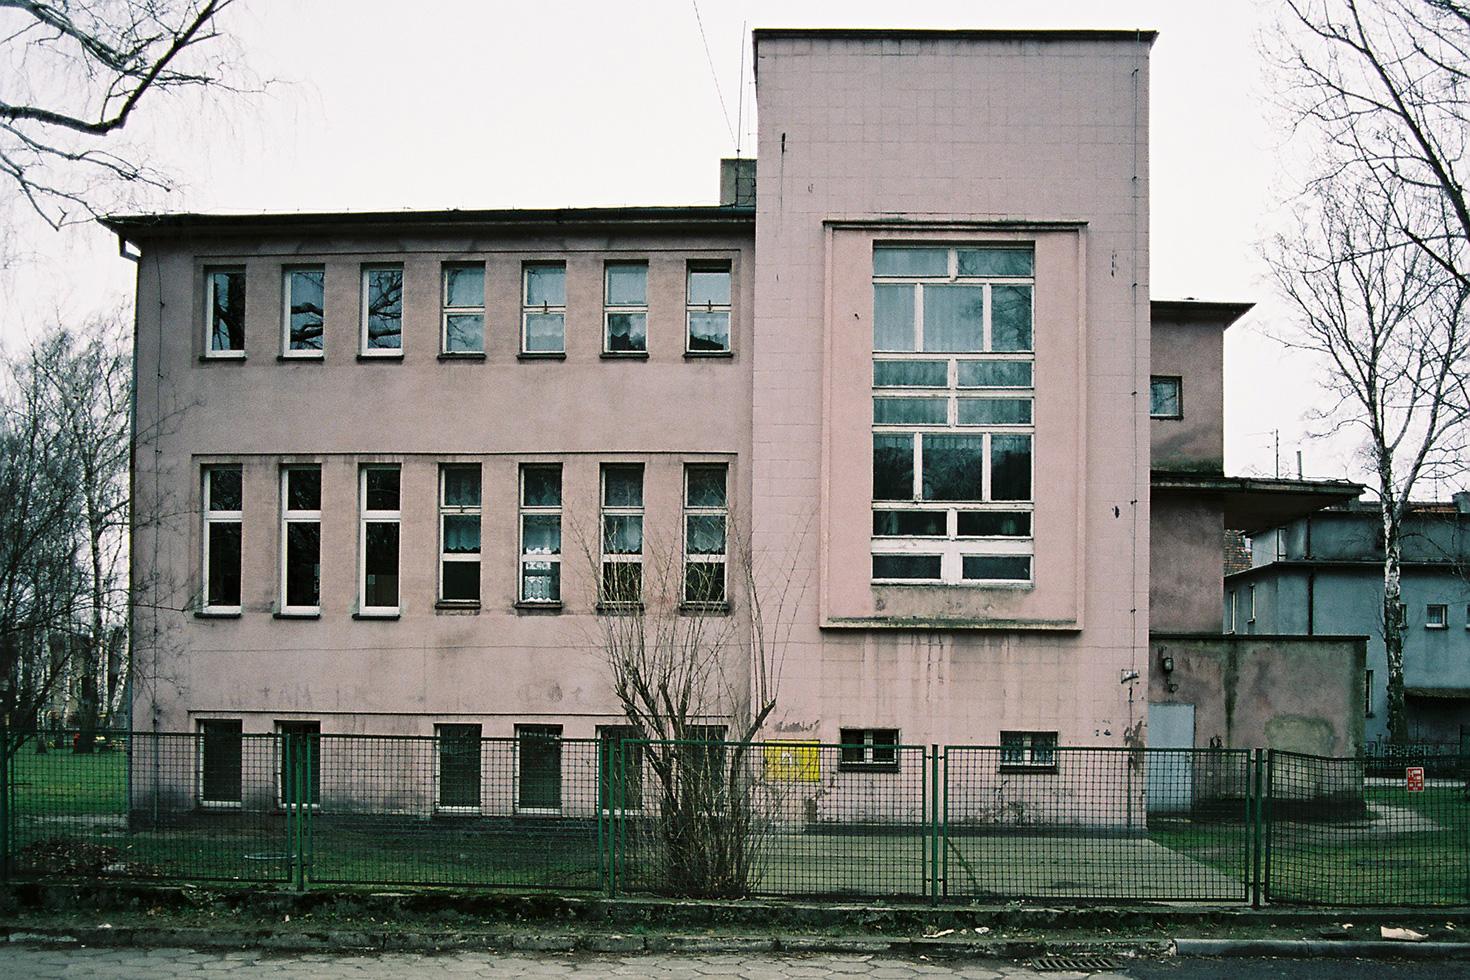 KESSEL ZÜGER - SCHLESISCHE MODERNE